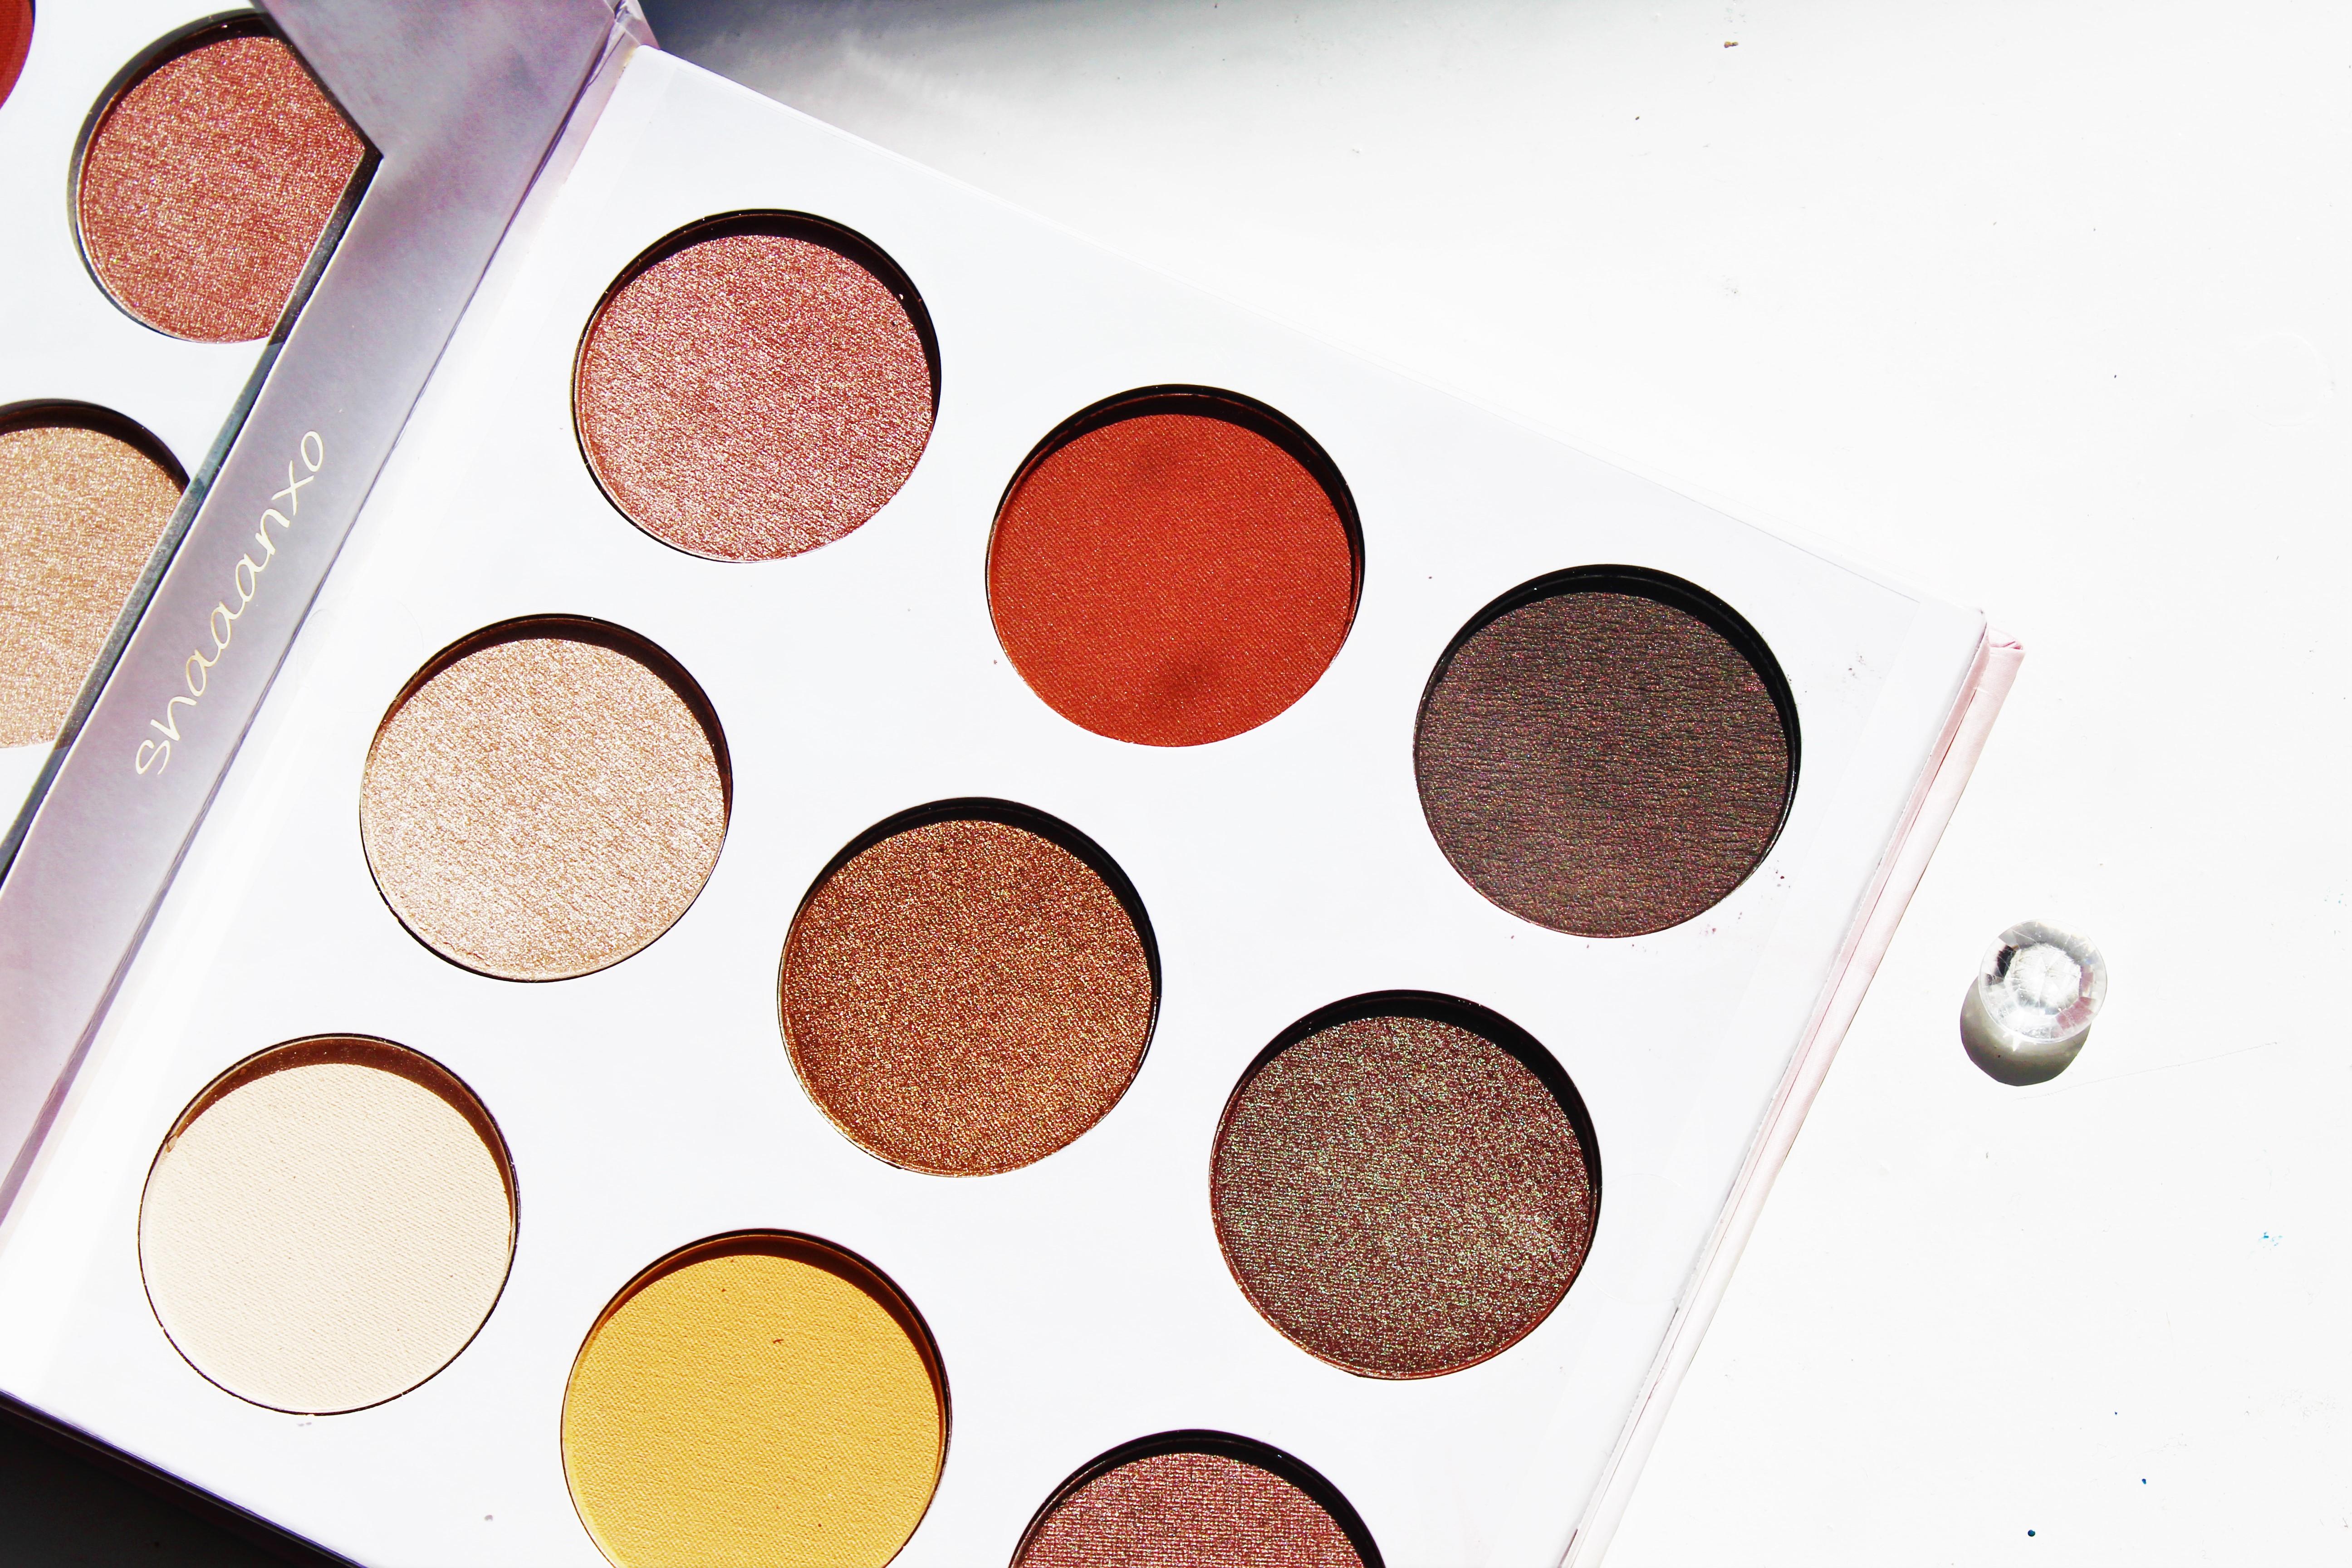 BH Cosmetics Shaaanxo palette | eyeshadow palette